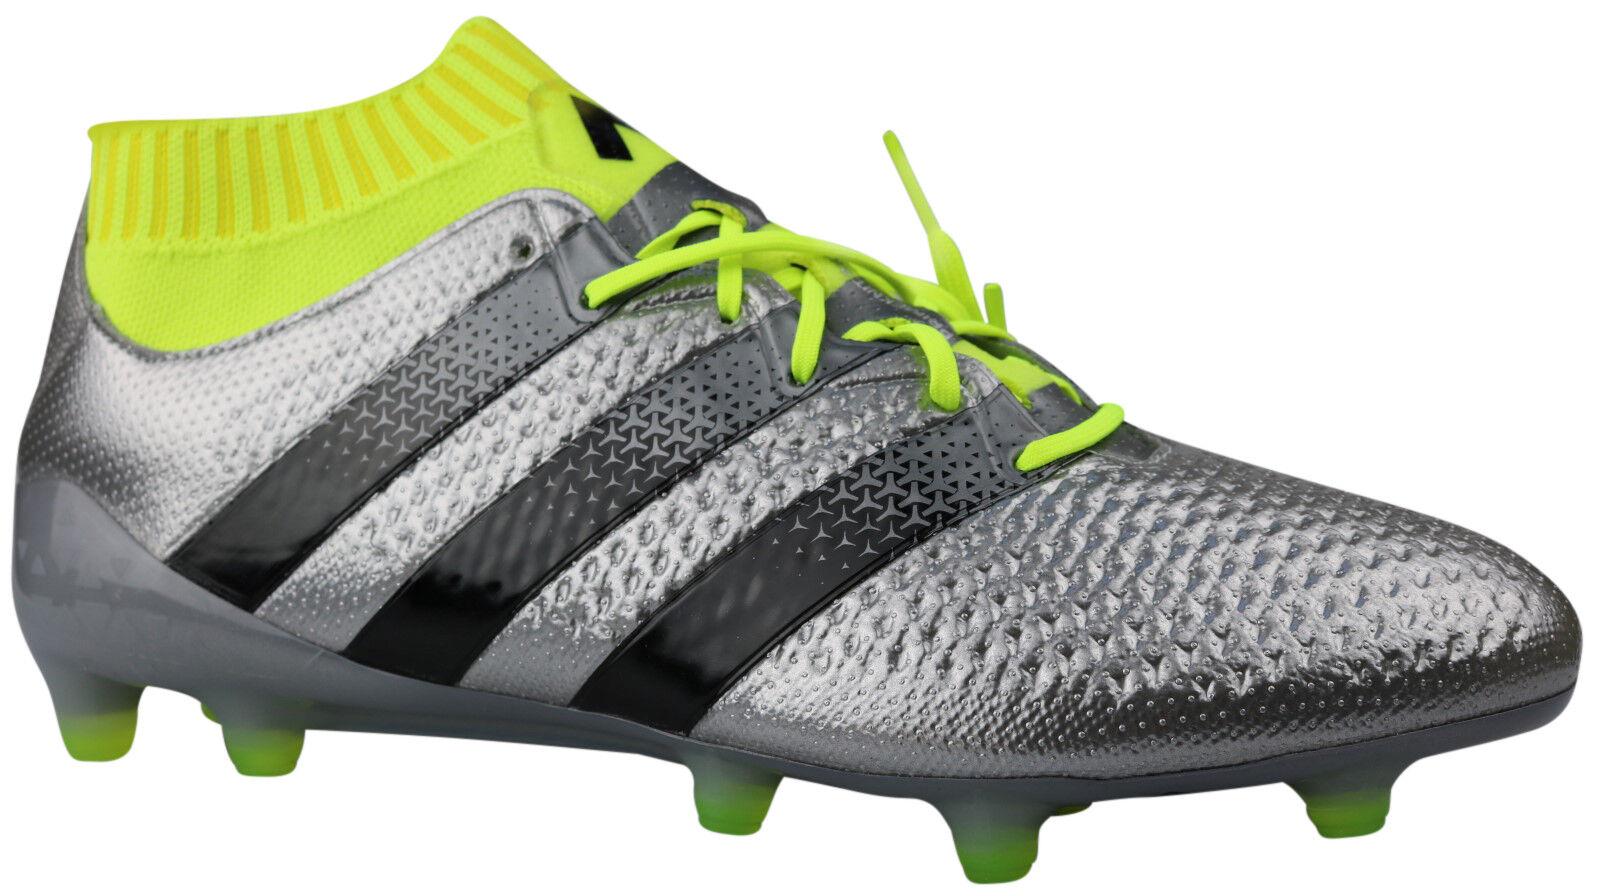 Adidas ACE 16.1 FG Fußballschuhe Nocken silber S76469 Gr. 39 - 48 5 NEU & OVP